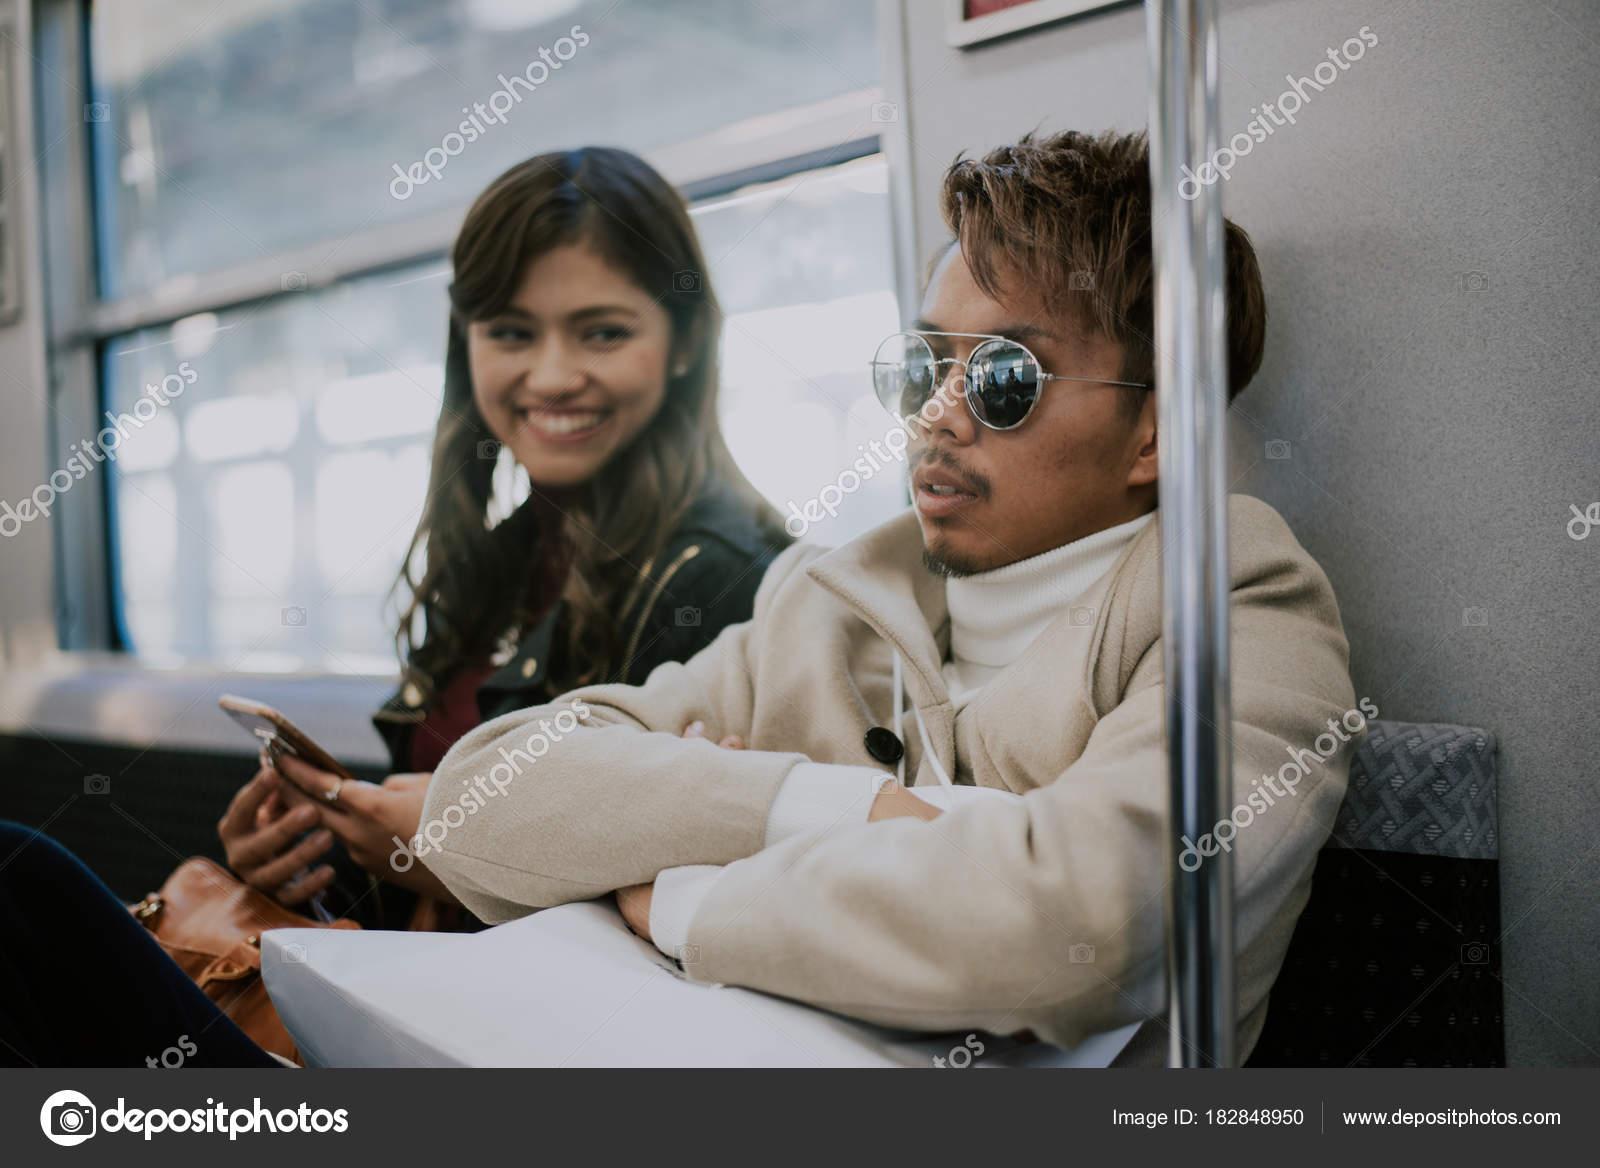 Love taking sexy kostenlose Dating-Seiten für große Leute have good personality and